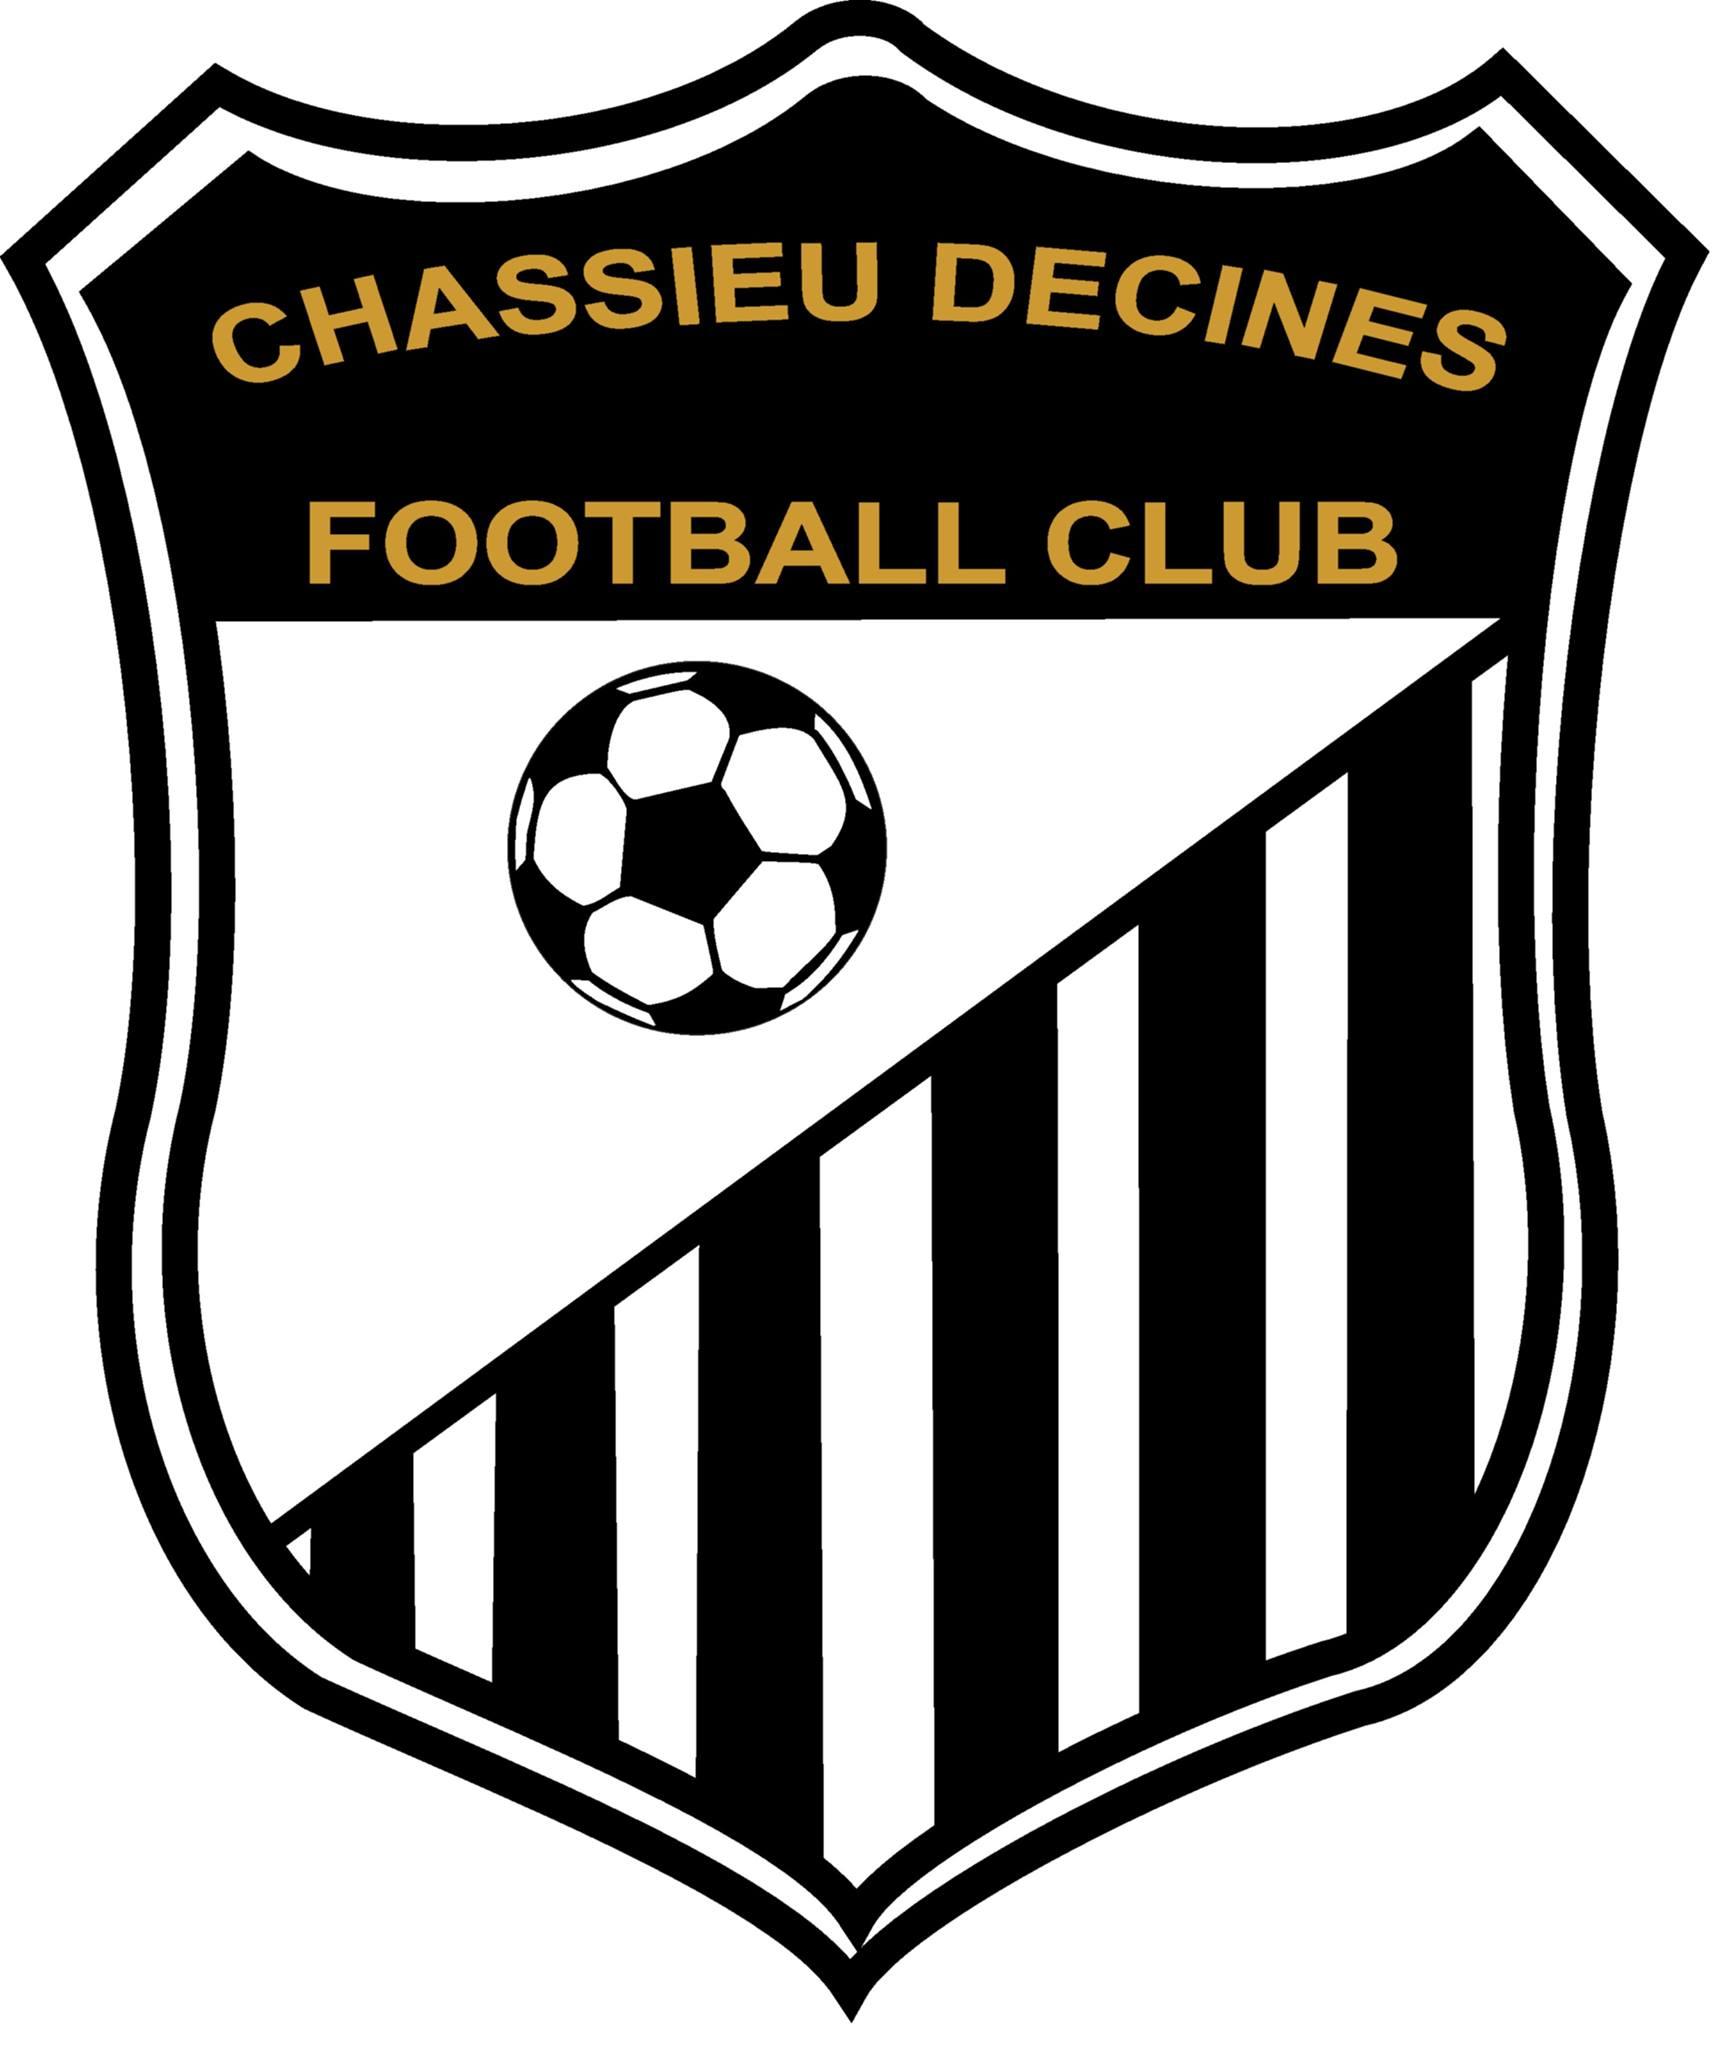 CHASSIEU-DECINES   C.D.F.C. > création d'une section futsal